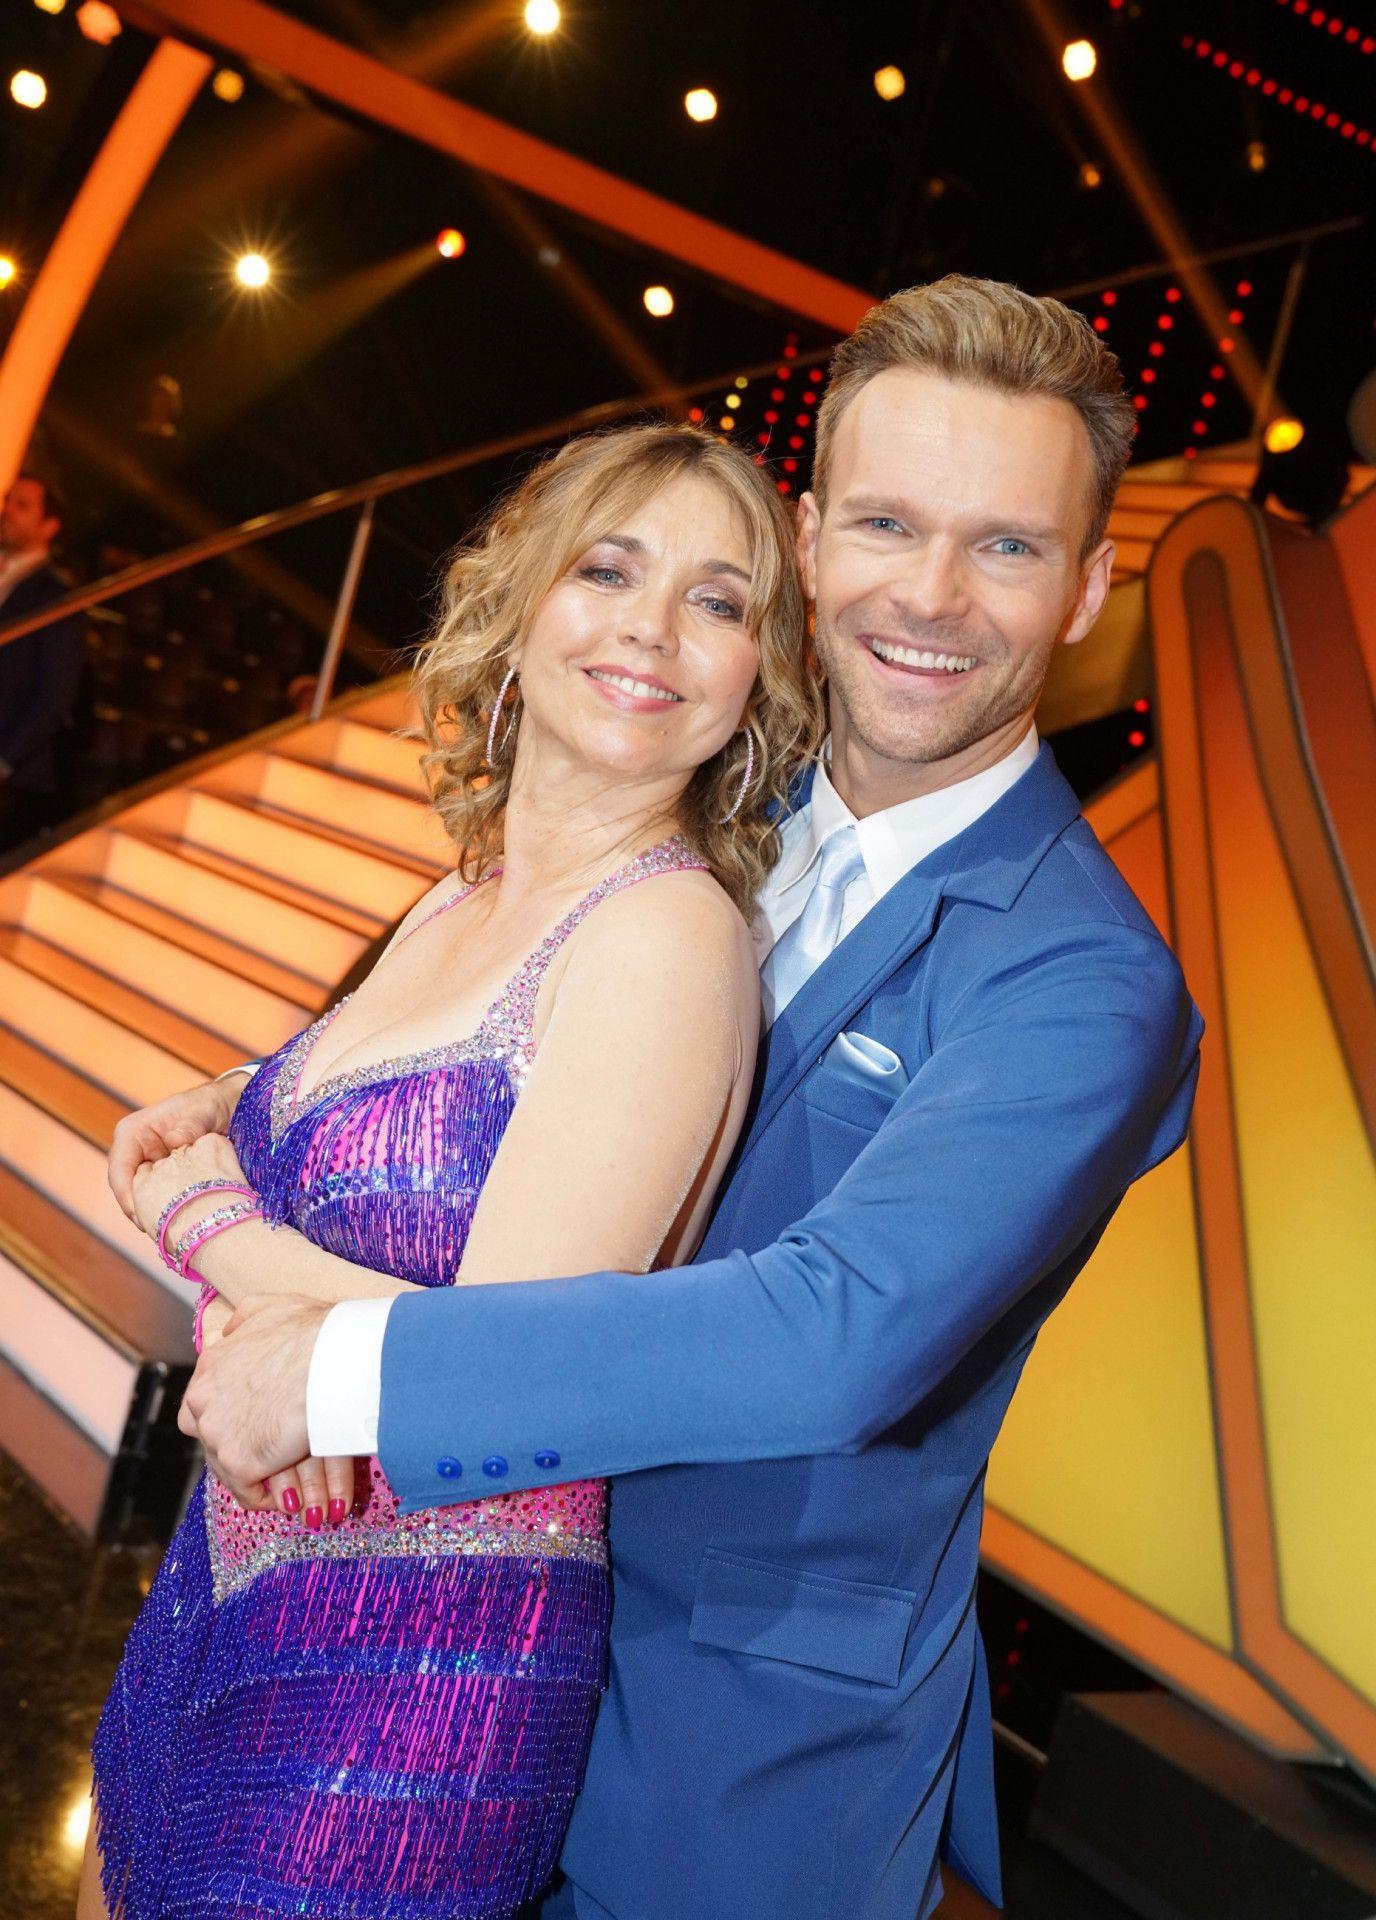 """Schauspielerin Tina Ruland tanzt mit Vadim Garbuzov. <p>Alle Infos zu """"Let's Dance"""" im Special bei <a href=""""http://www.rtl.de/cms/sendungen/lets-dance.html"""" target=""""_blank"""" rel=""""nofollow"""">RTL.de</a>.</p>"""